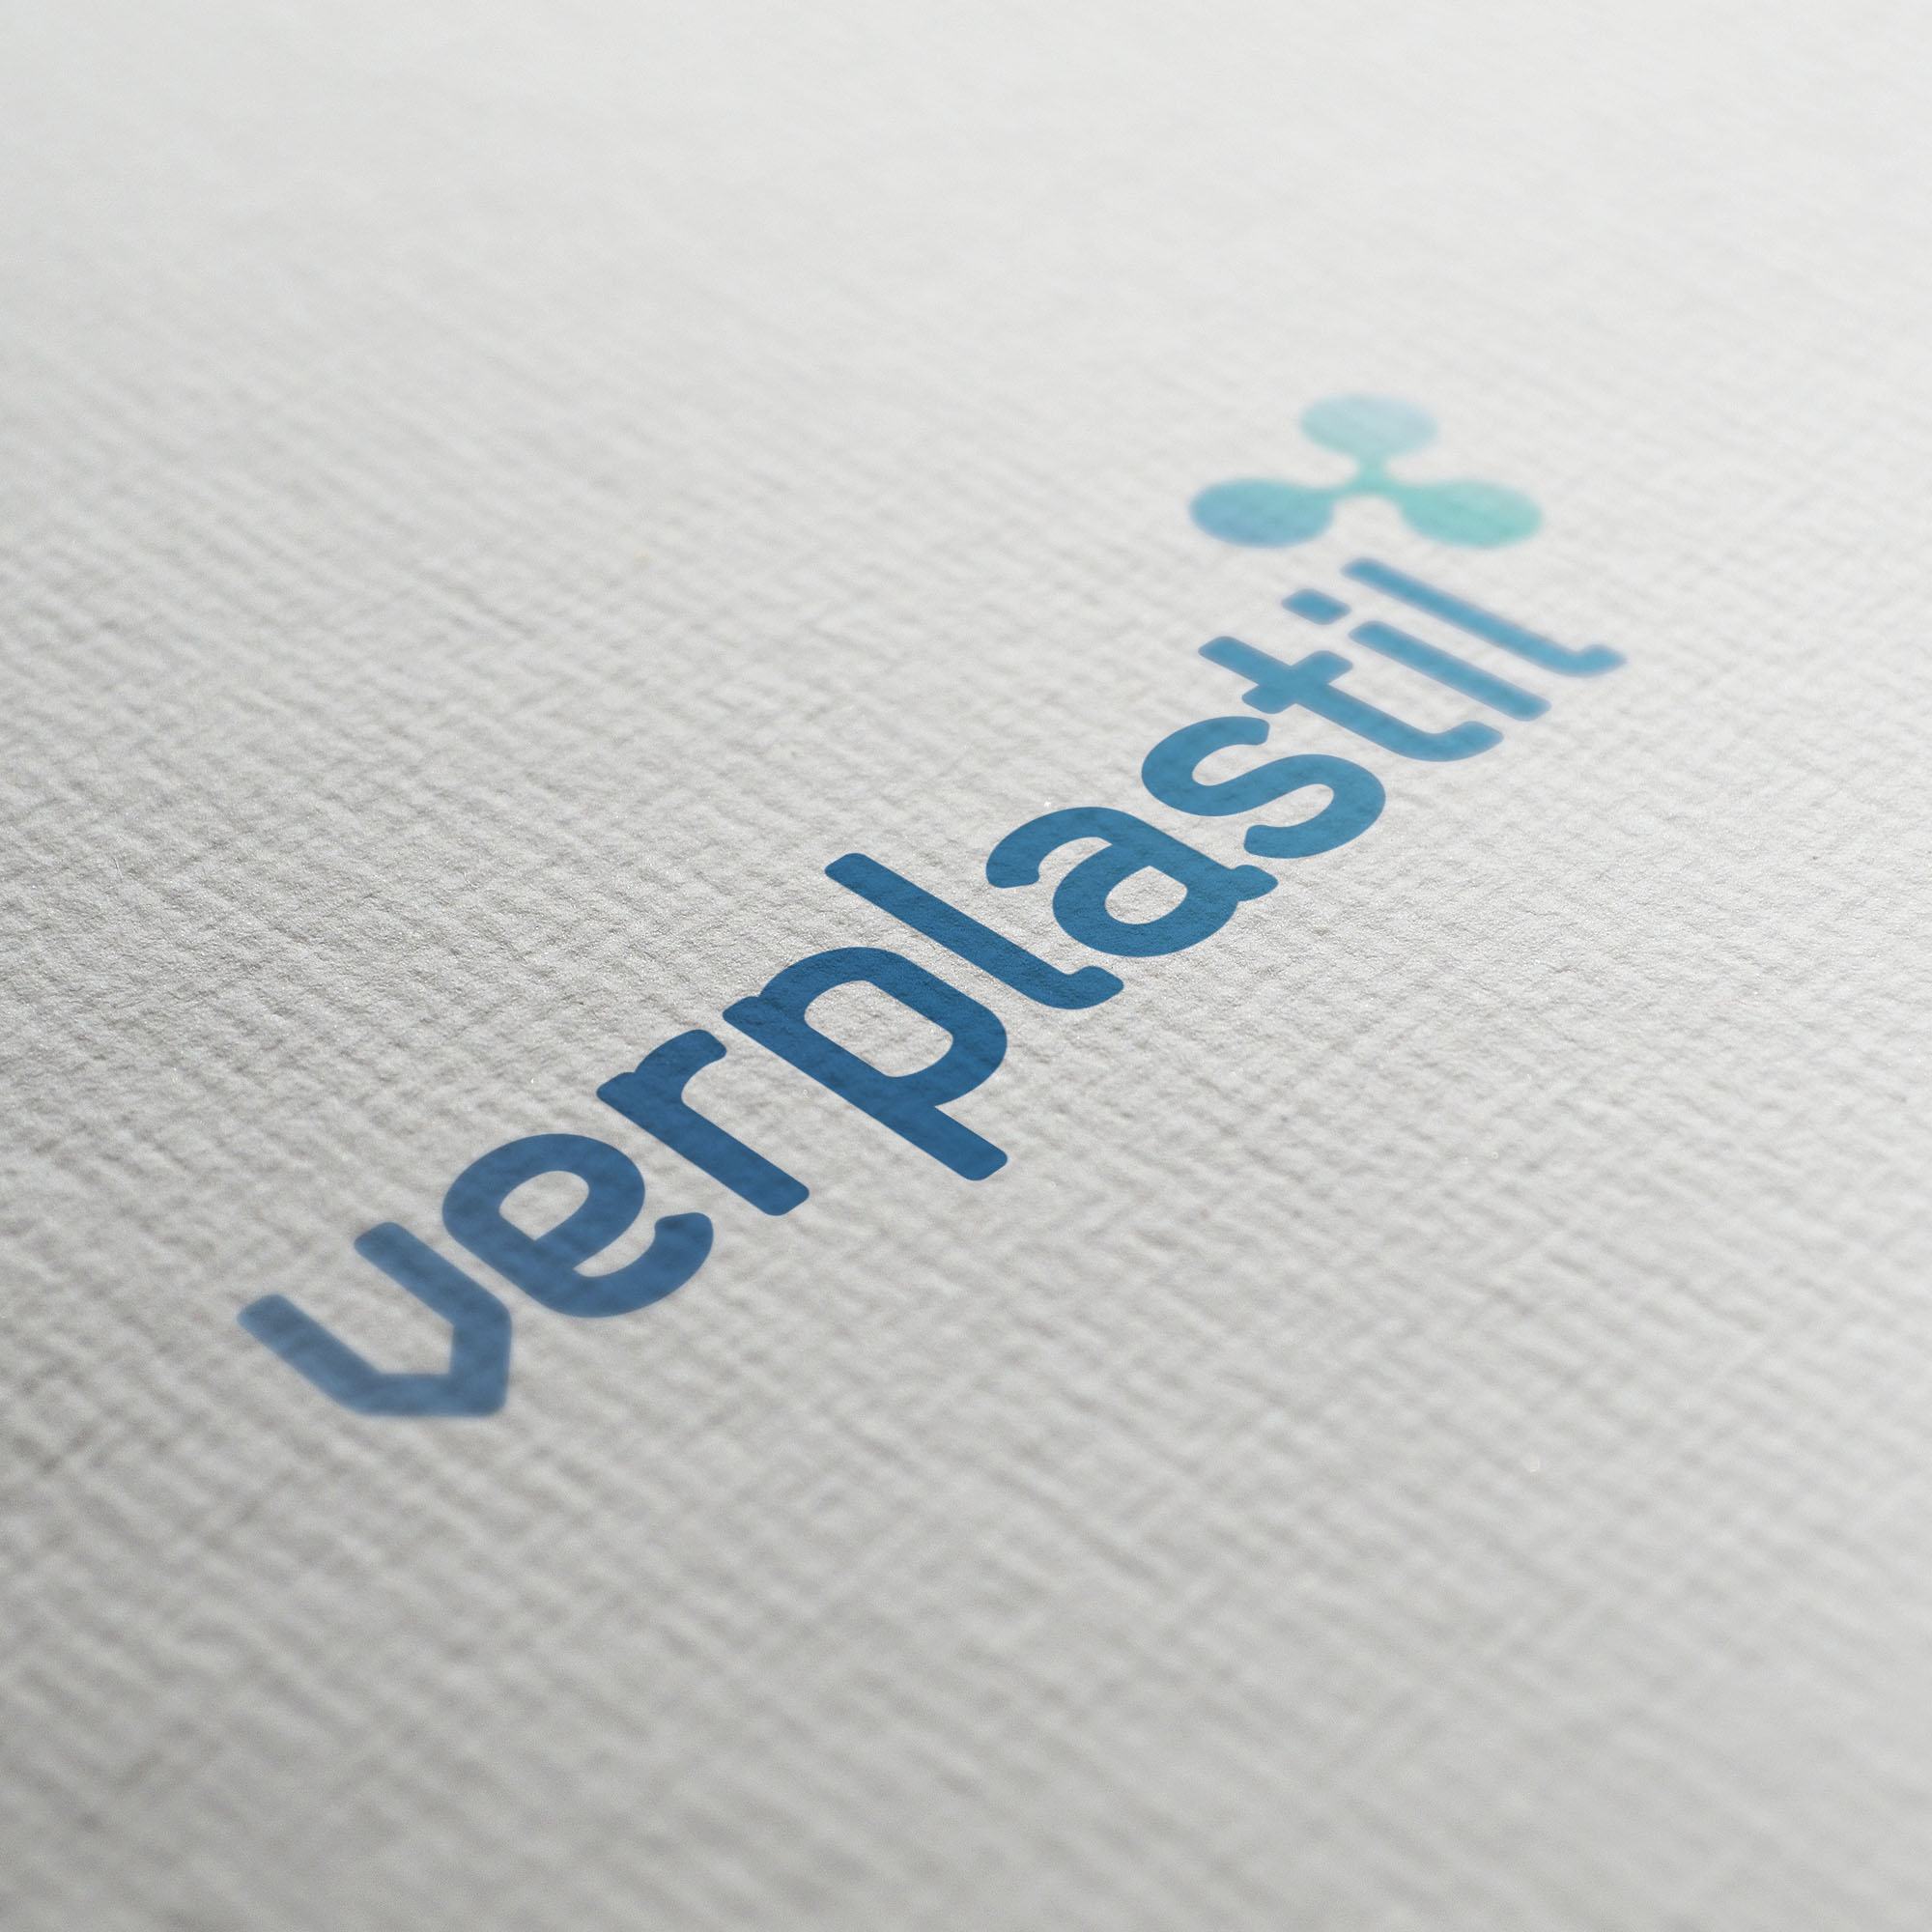 verplastil logo